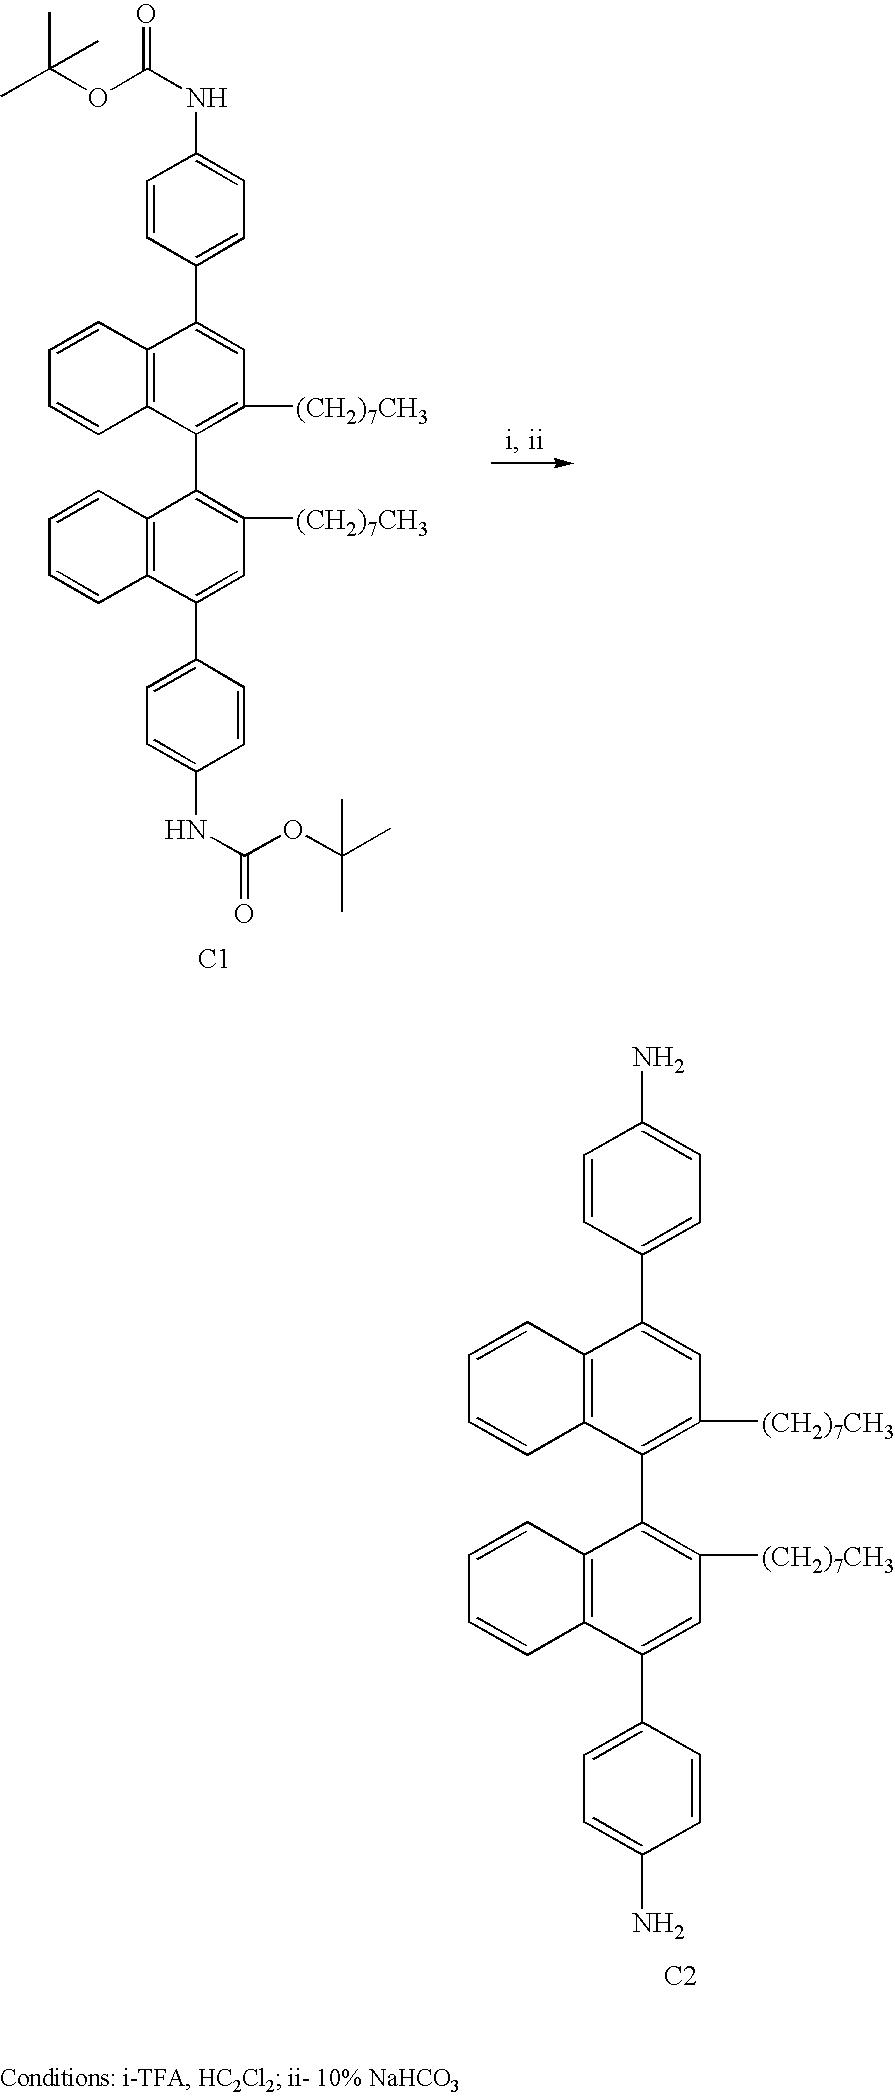 Figure US20100252819A1-20101007-C00021